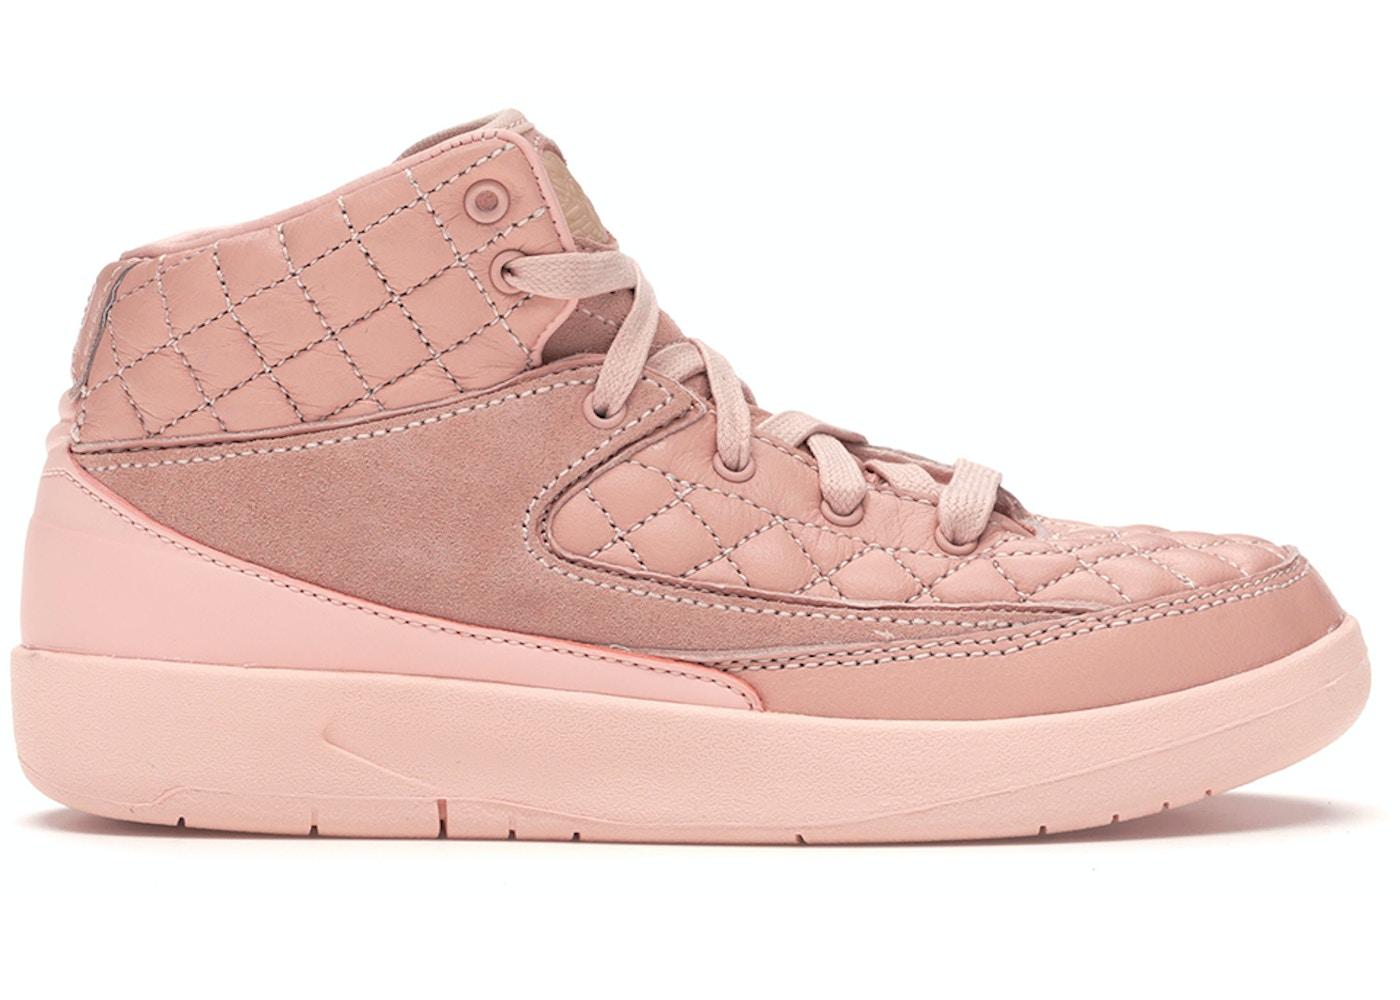 7ba9c0888785ed Air Jordan 2 Shoes - Last Sale